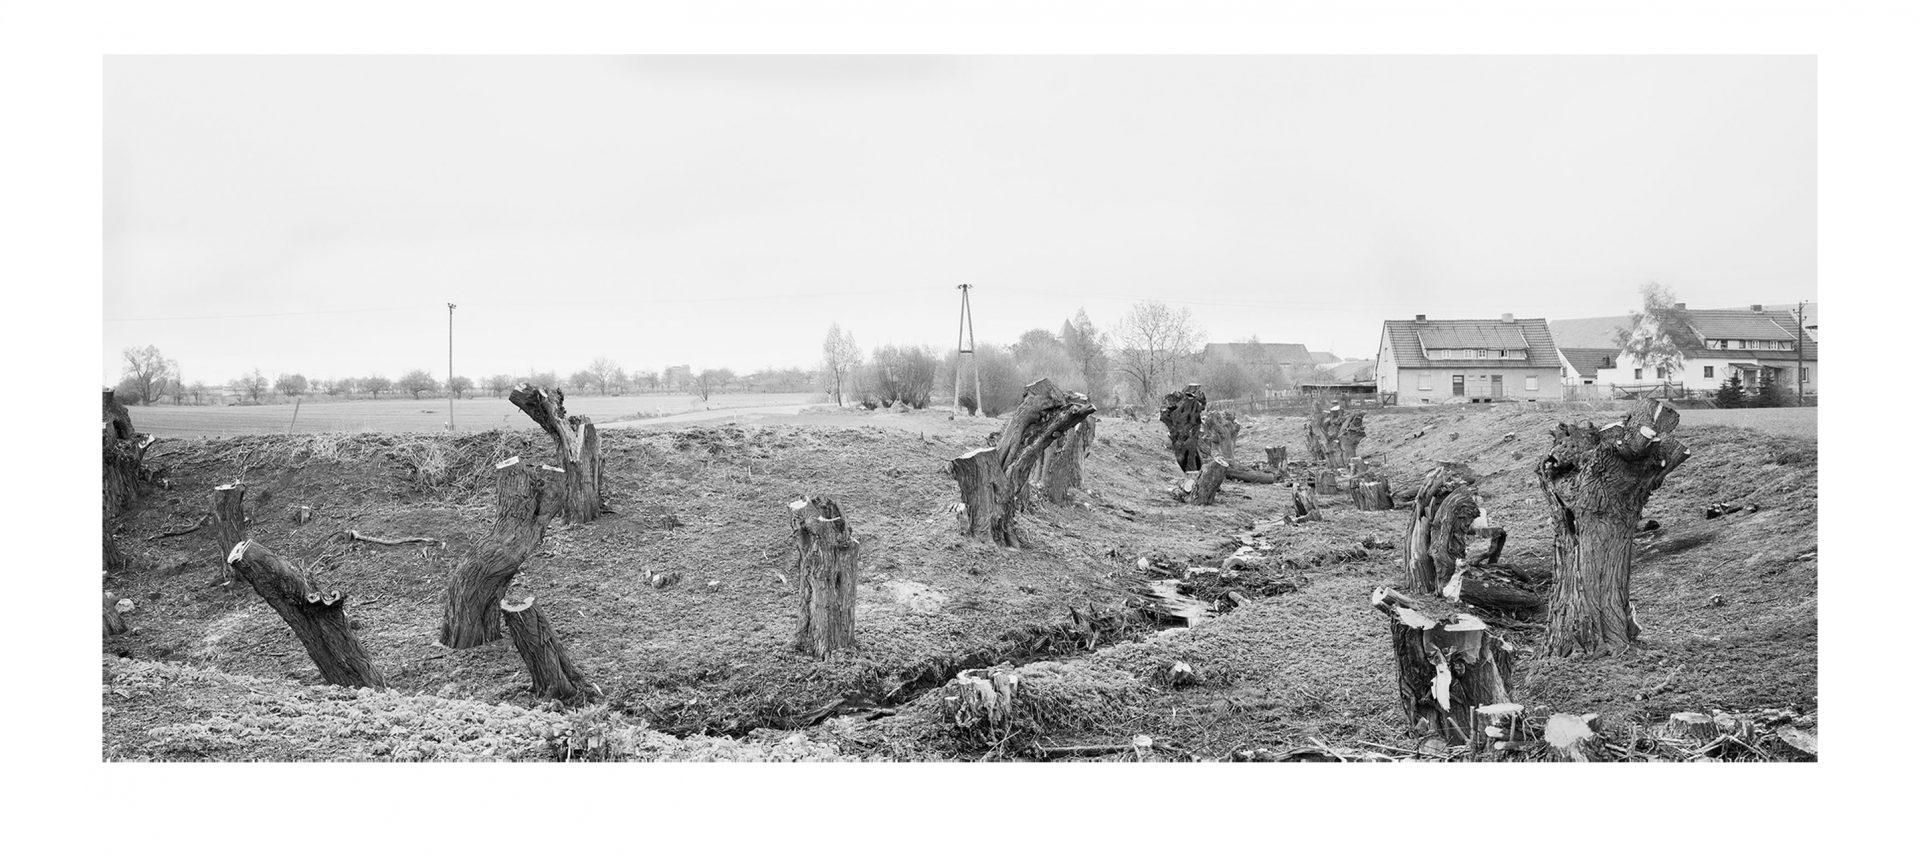 Der Traum vom Reich #16, Osterkörner 1991/2008